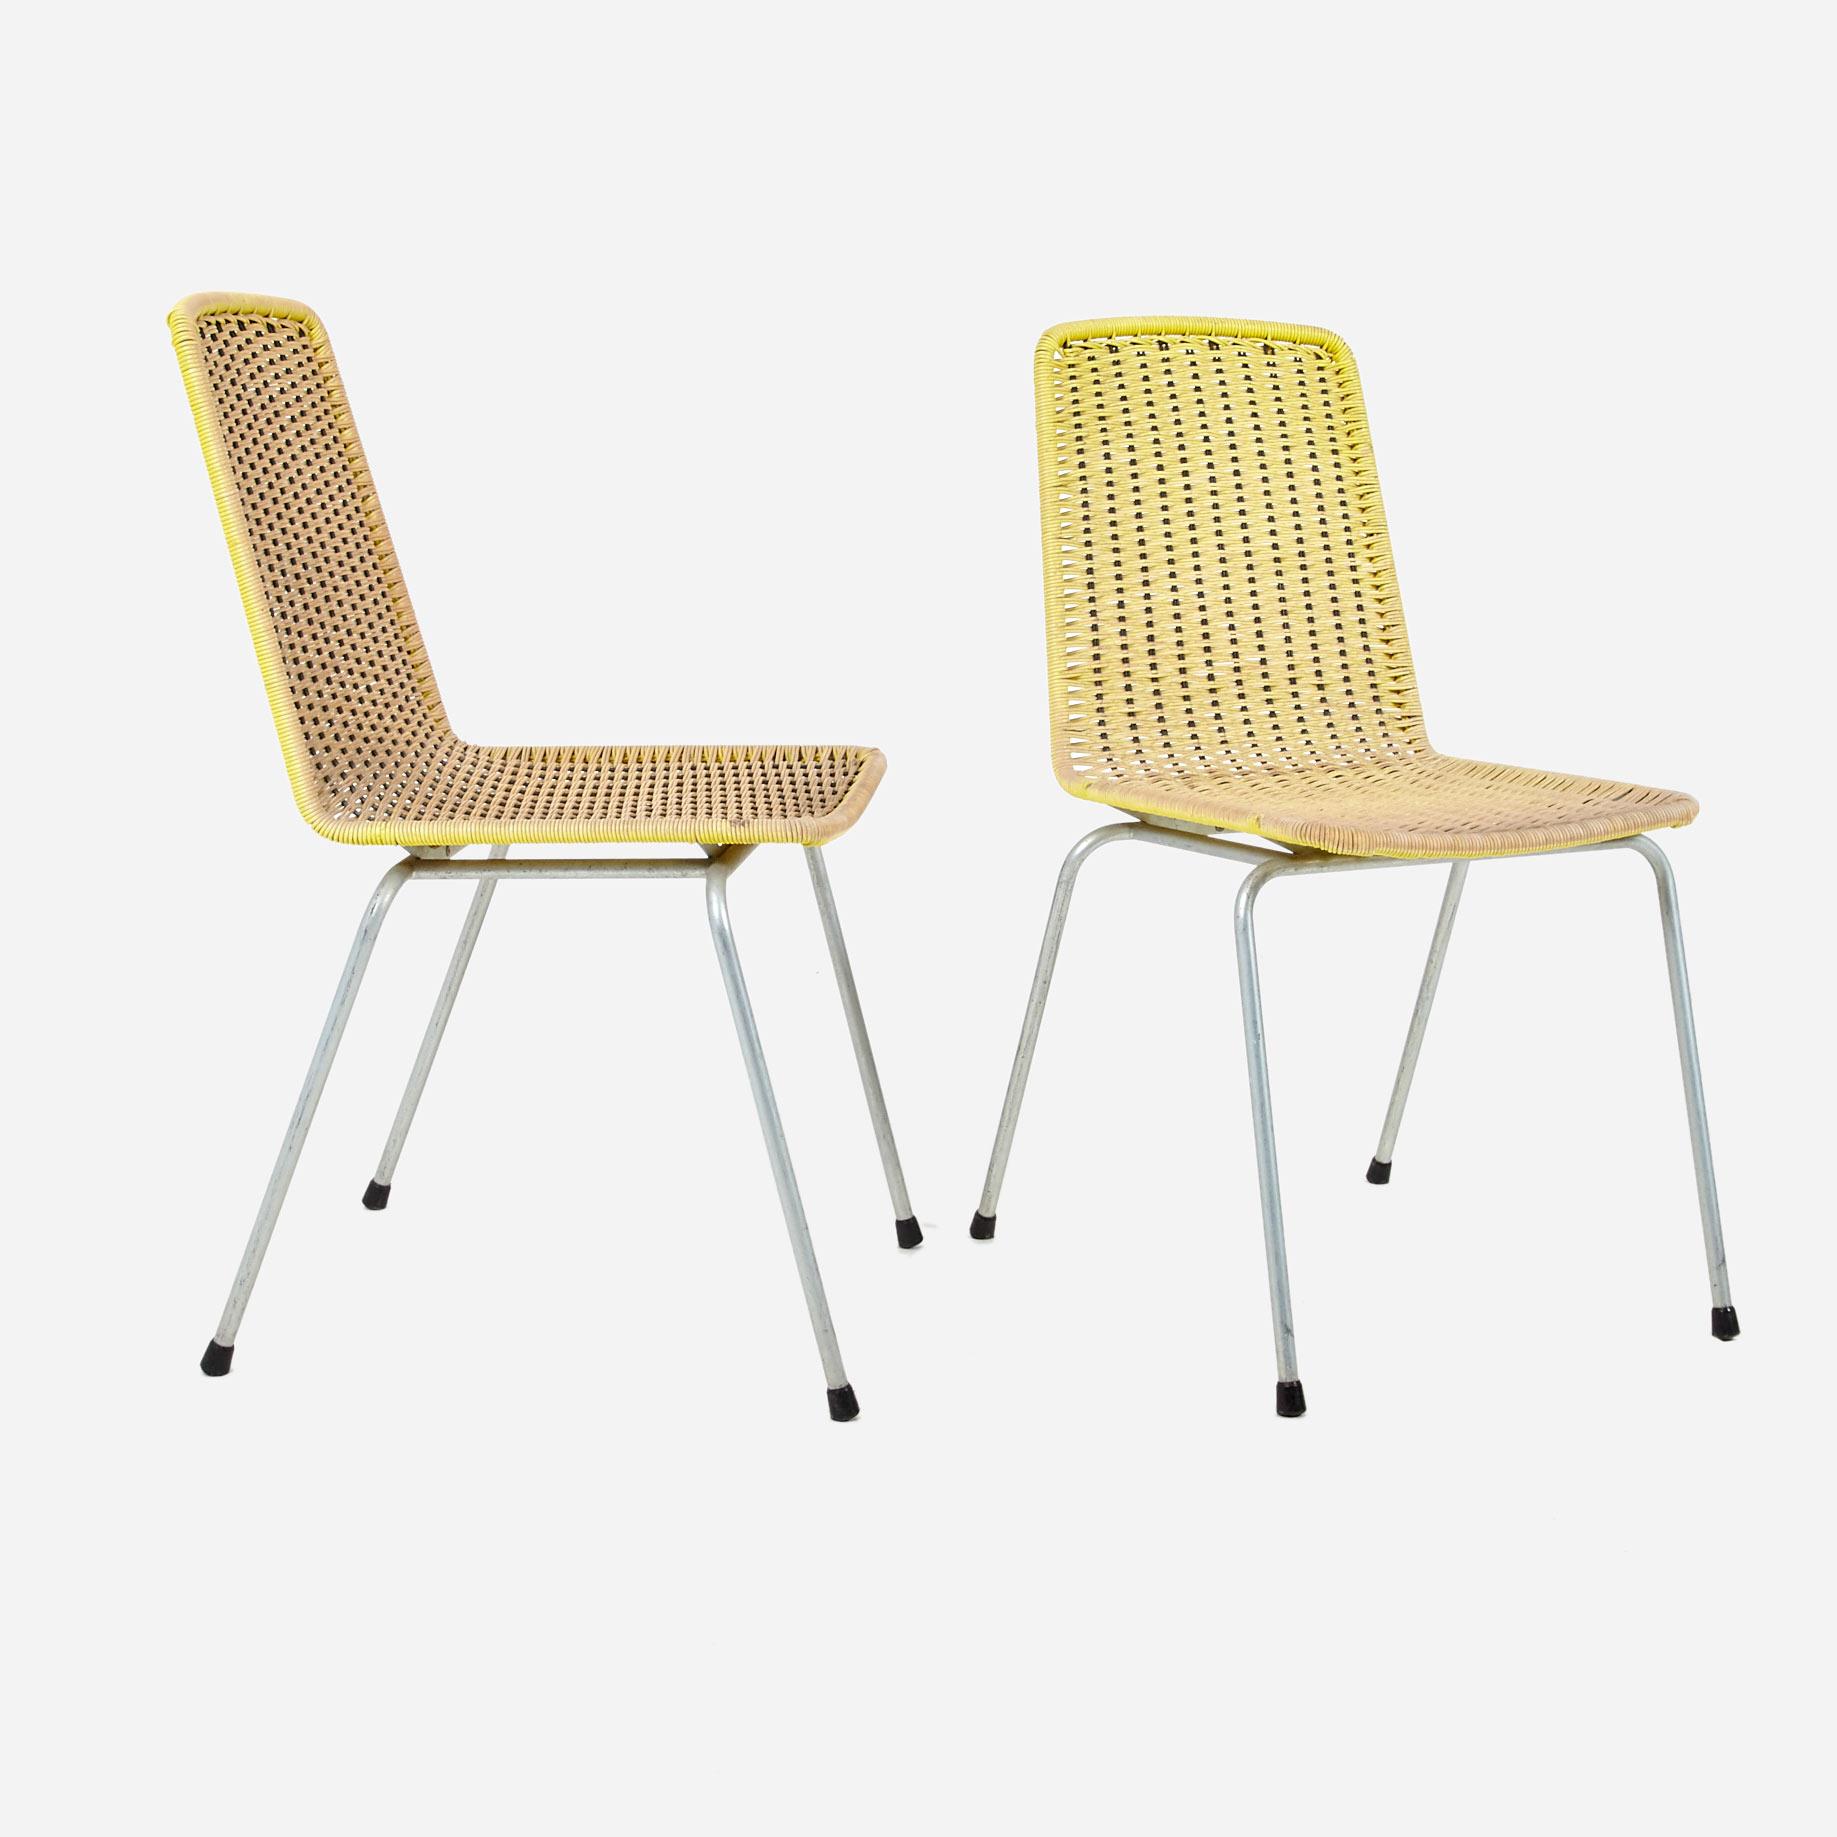 gartenstuhl mit gelben kunsttsoffgelfelcht stapelbar. Black Bedroom Furniture Sets. Home Design Ideas